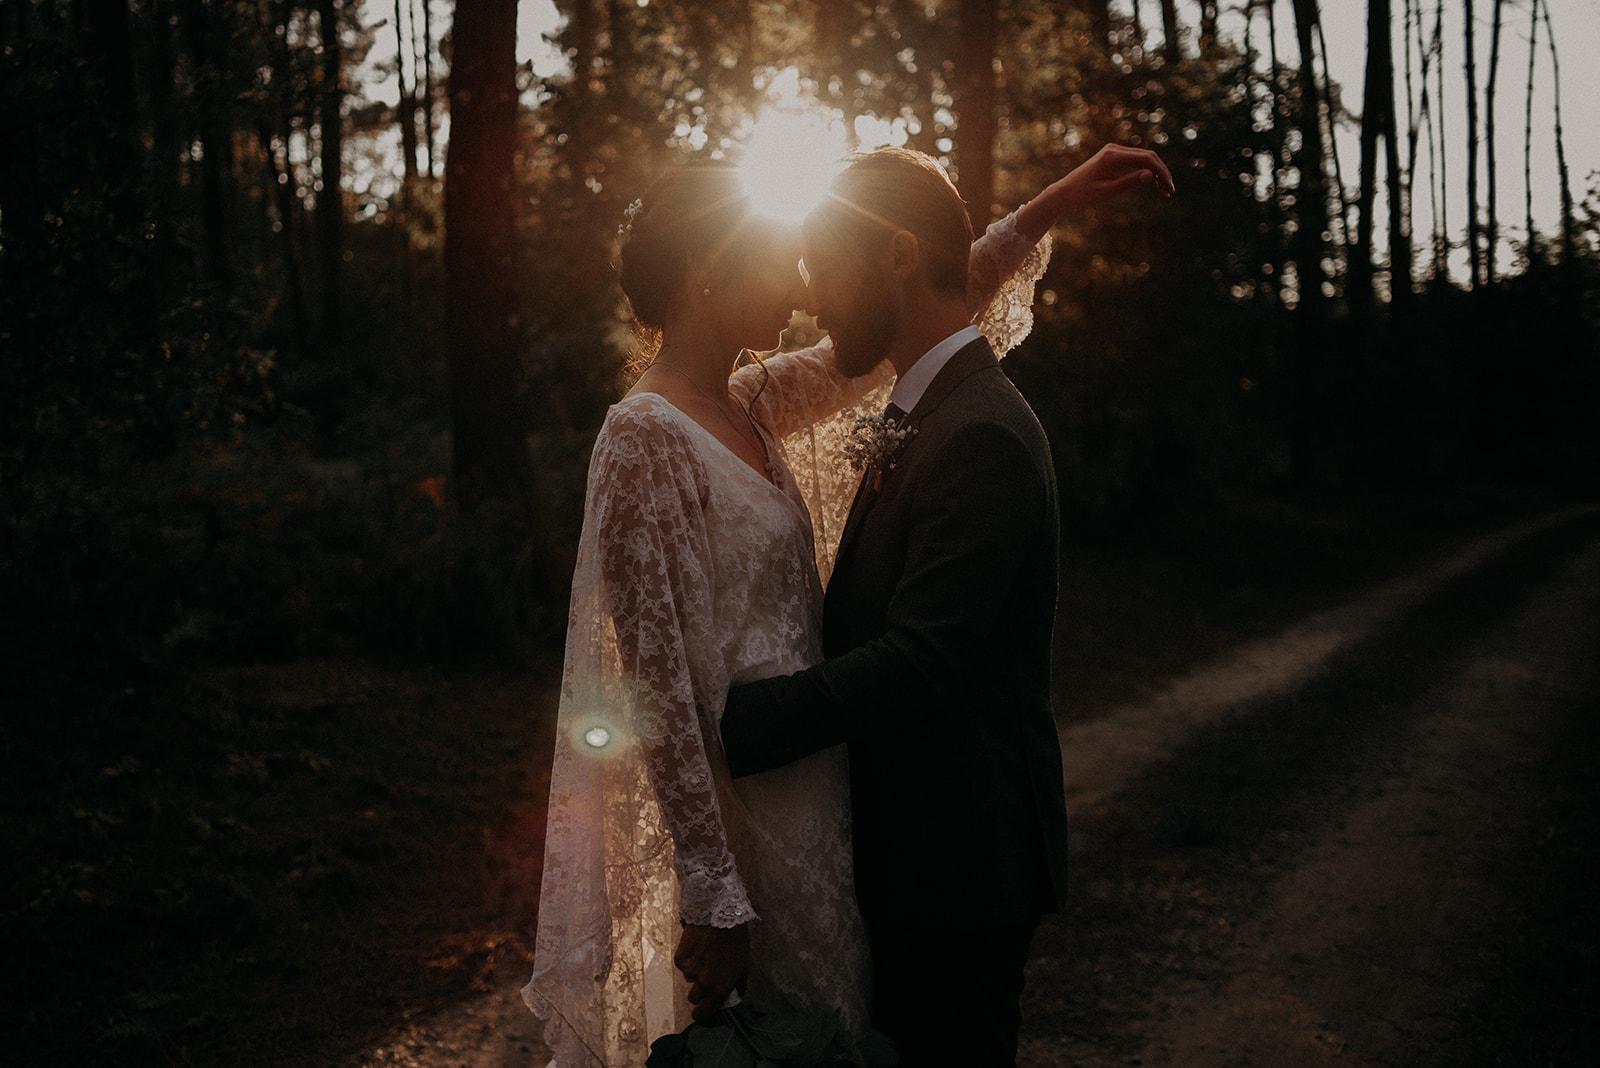 photographe-de-mariage-bordeaux-gironde-landes-sudouest-mj03